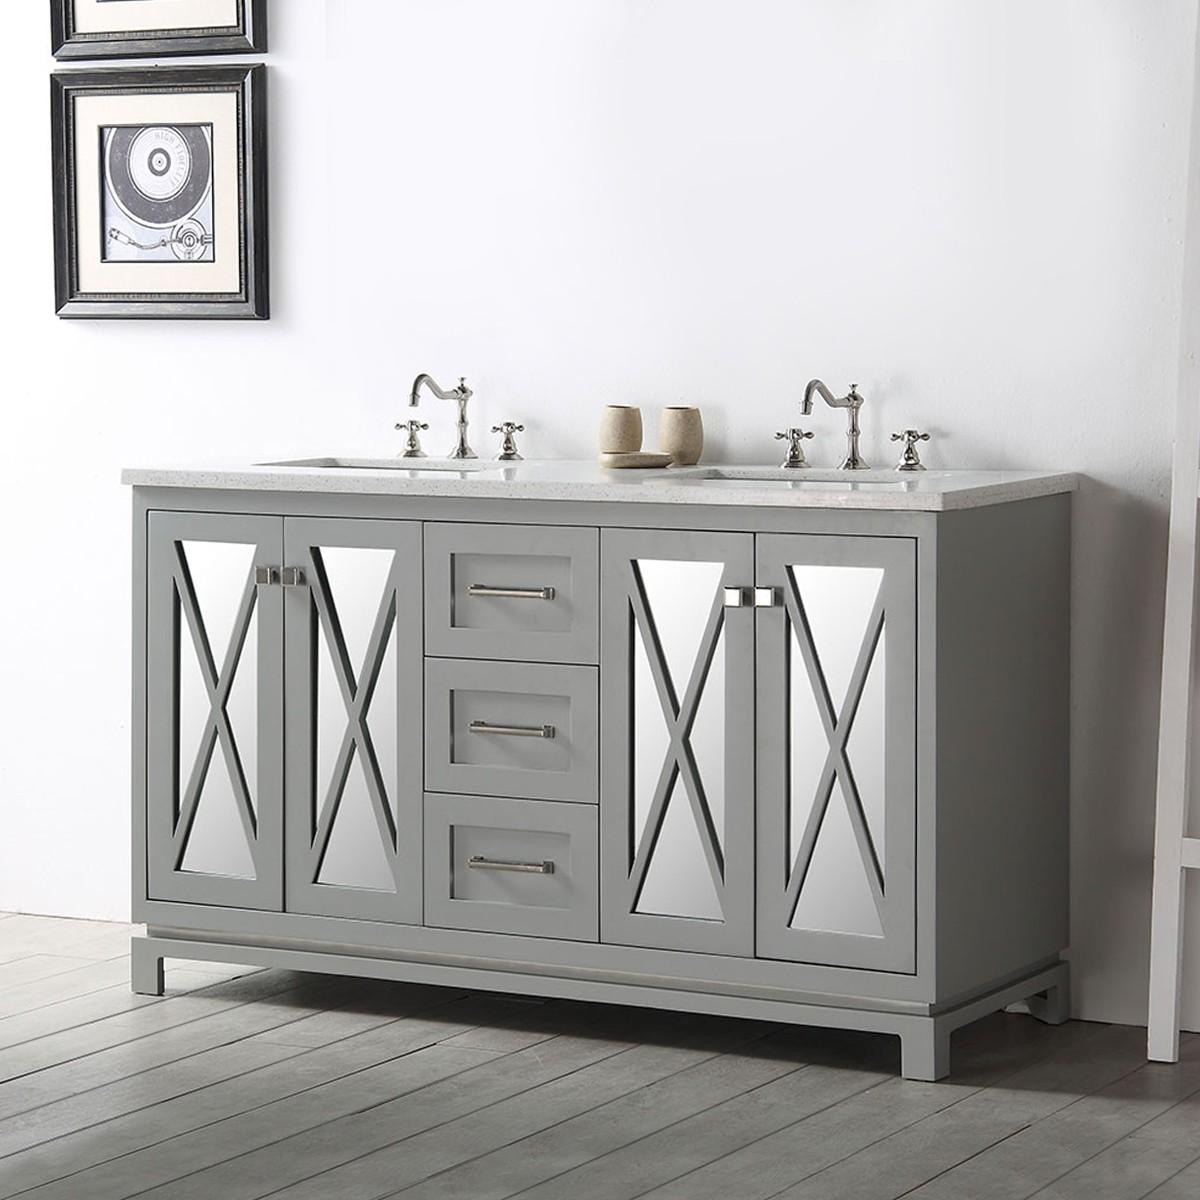 60 In. Bathroom Vanity (DK-6460-CG)